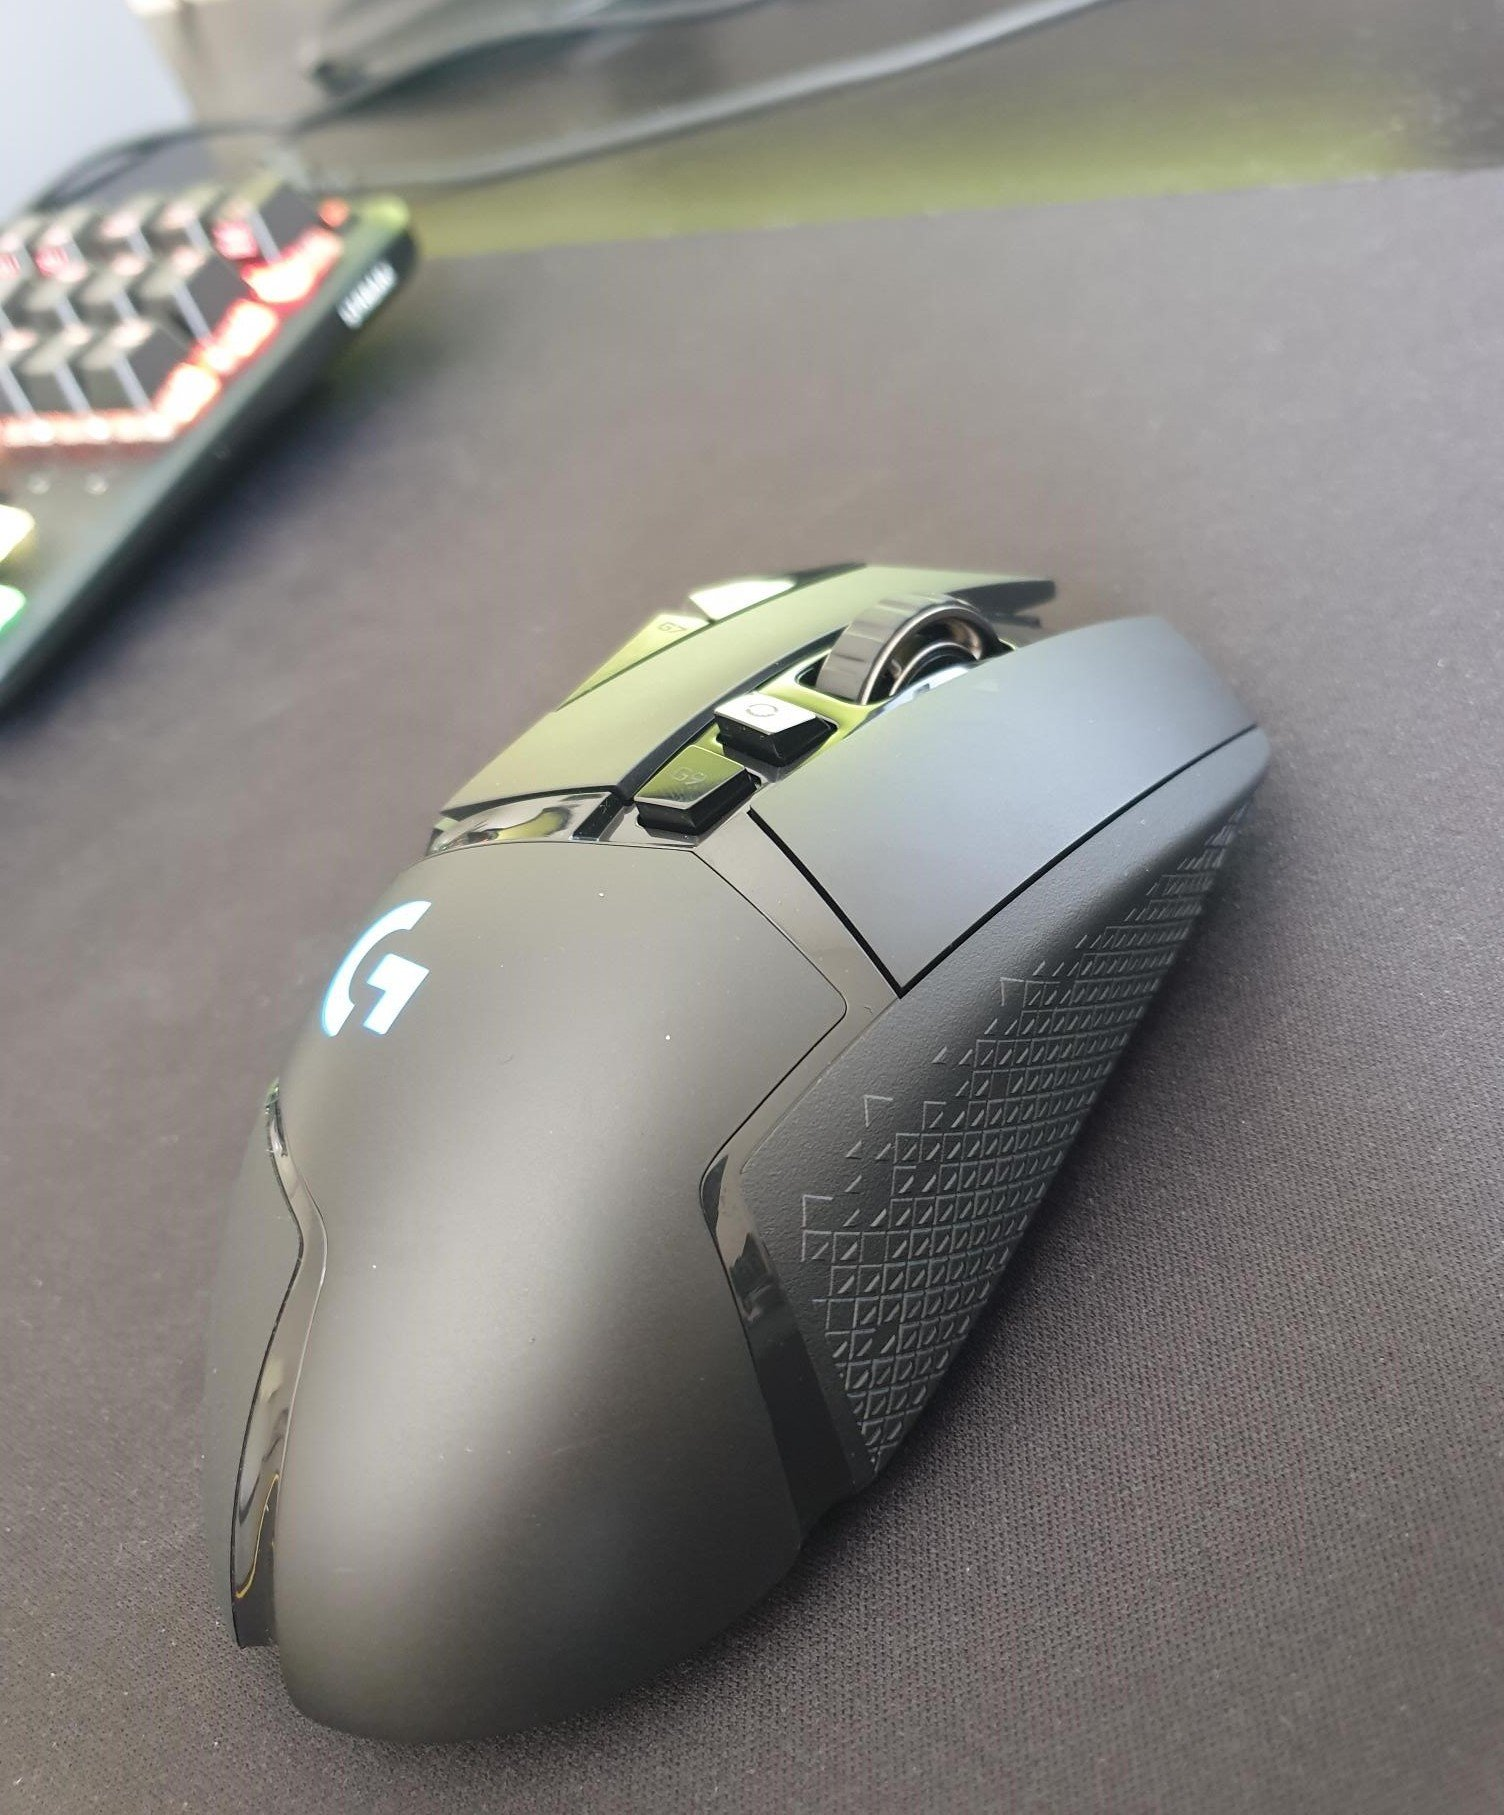 Image of my G502 Lightspeed